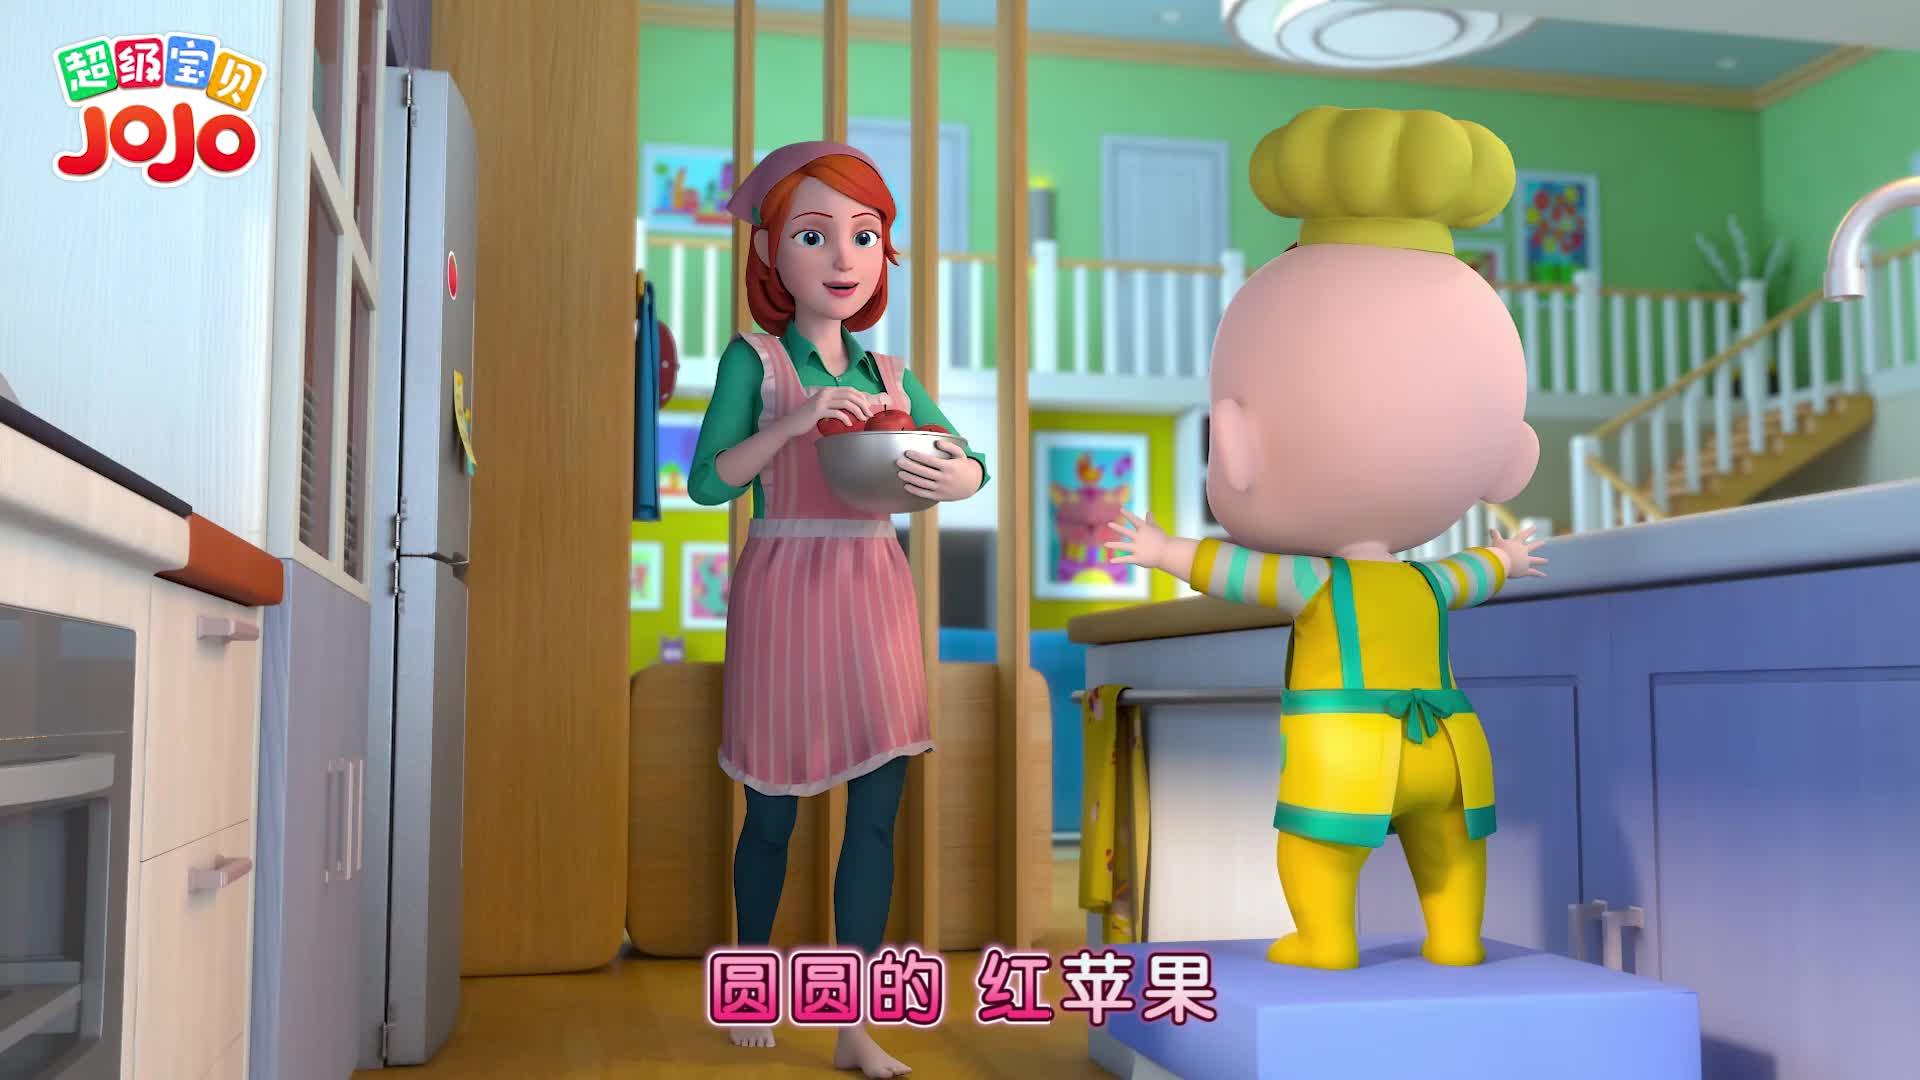 超级宝贝JOJO 第37集 做苹果布丁